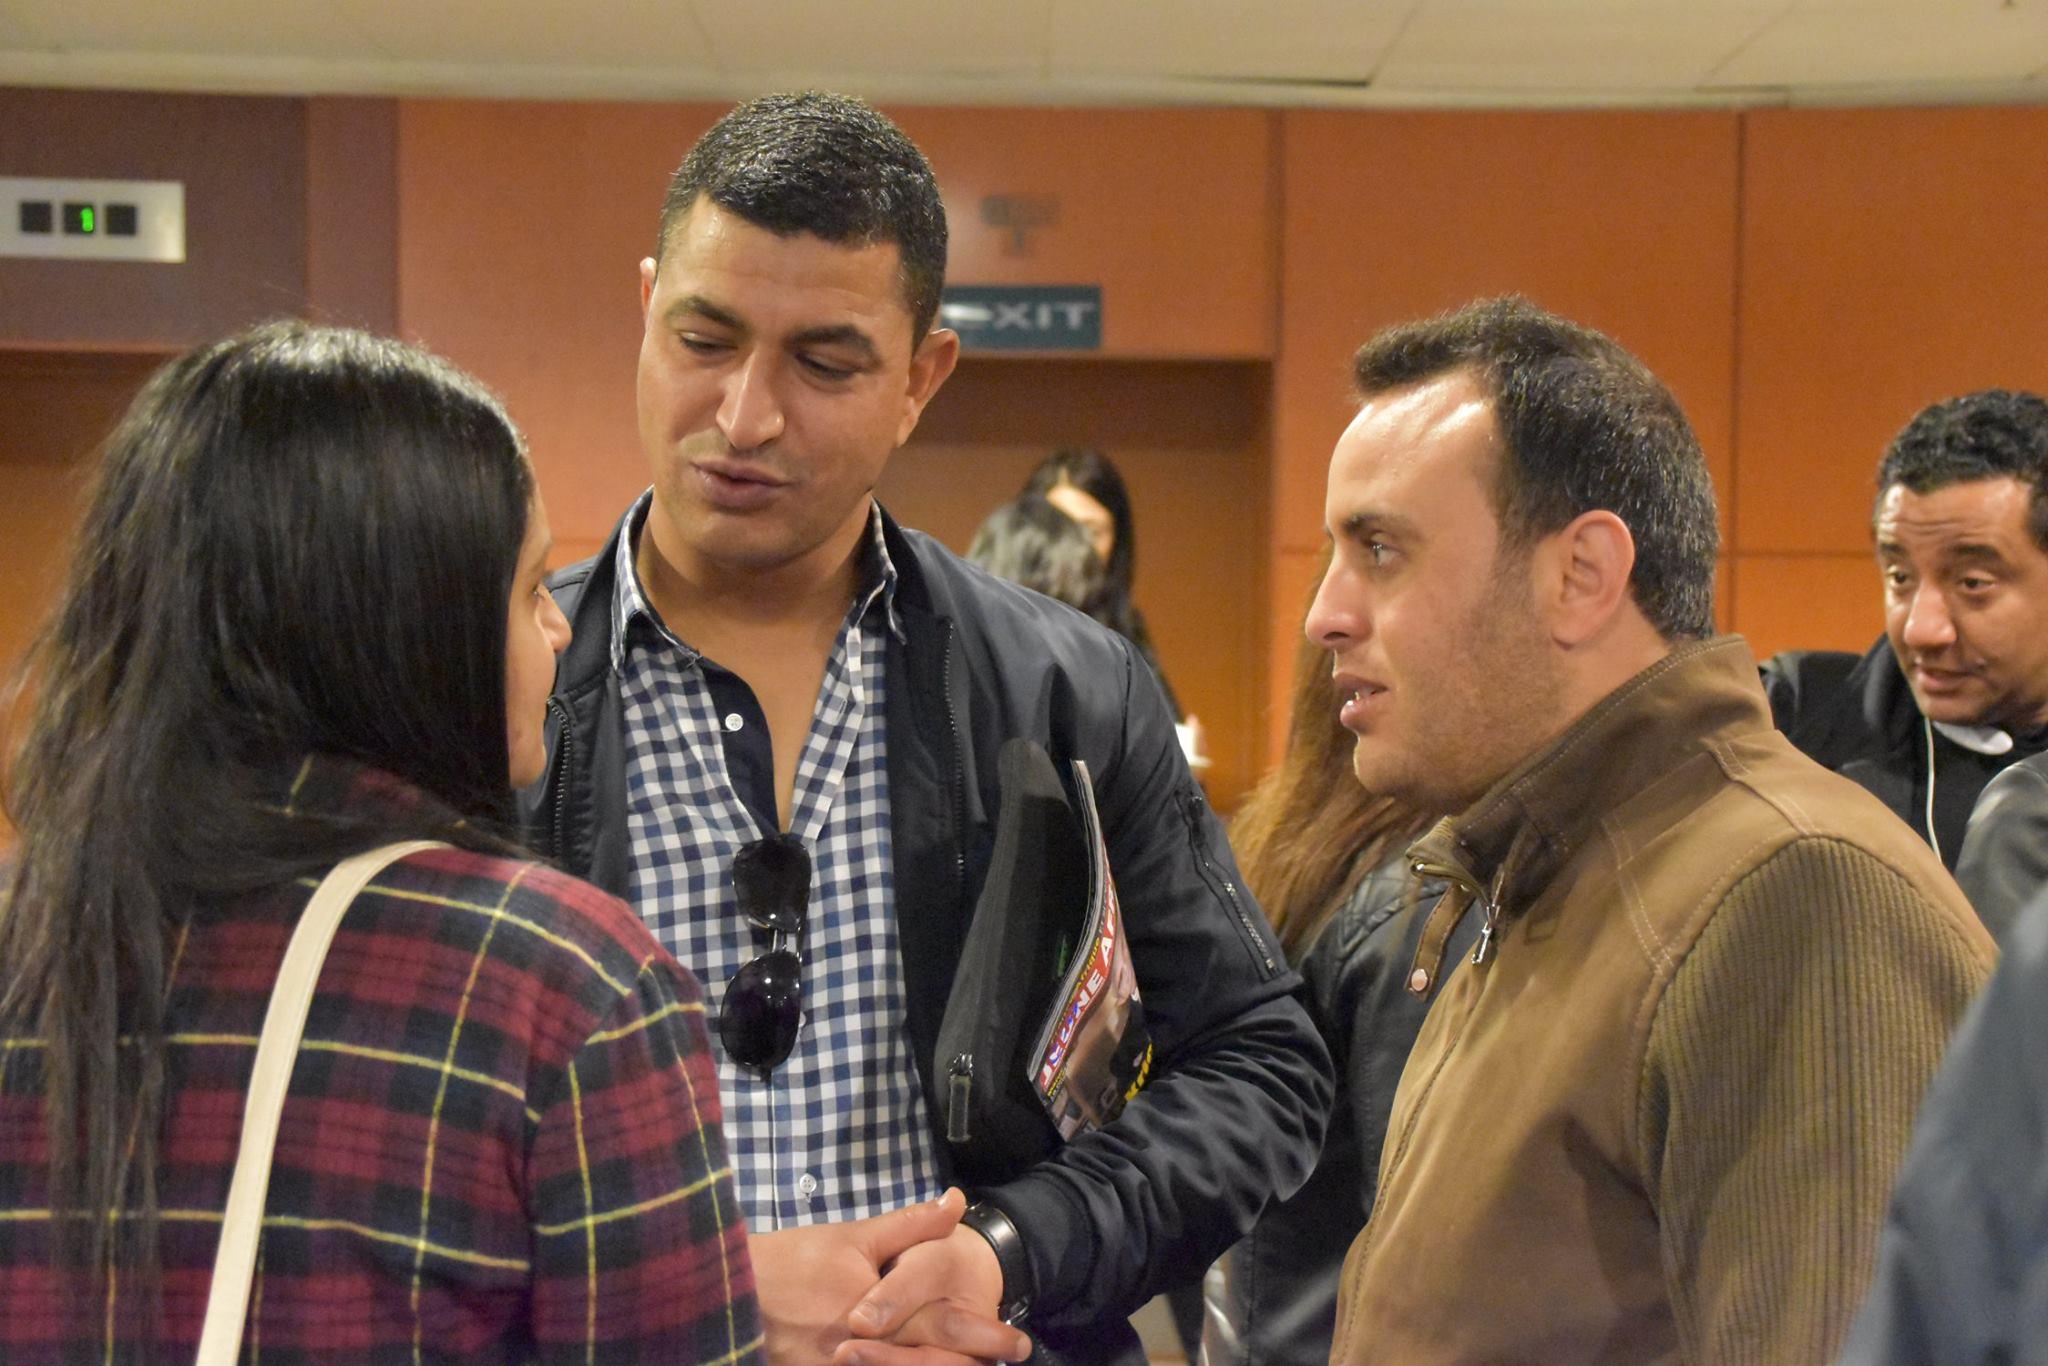 جانب من المؤتمر الصحفي لايام قرطاج الموسيقية